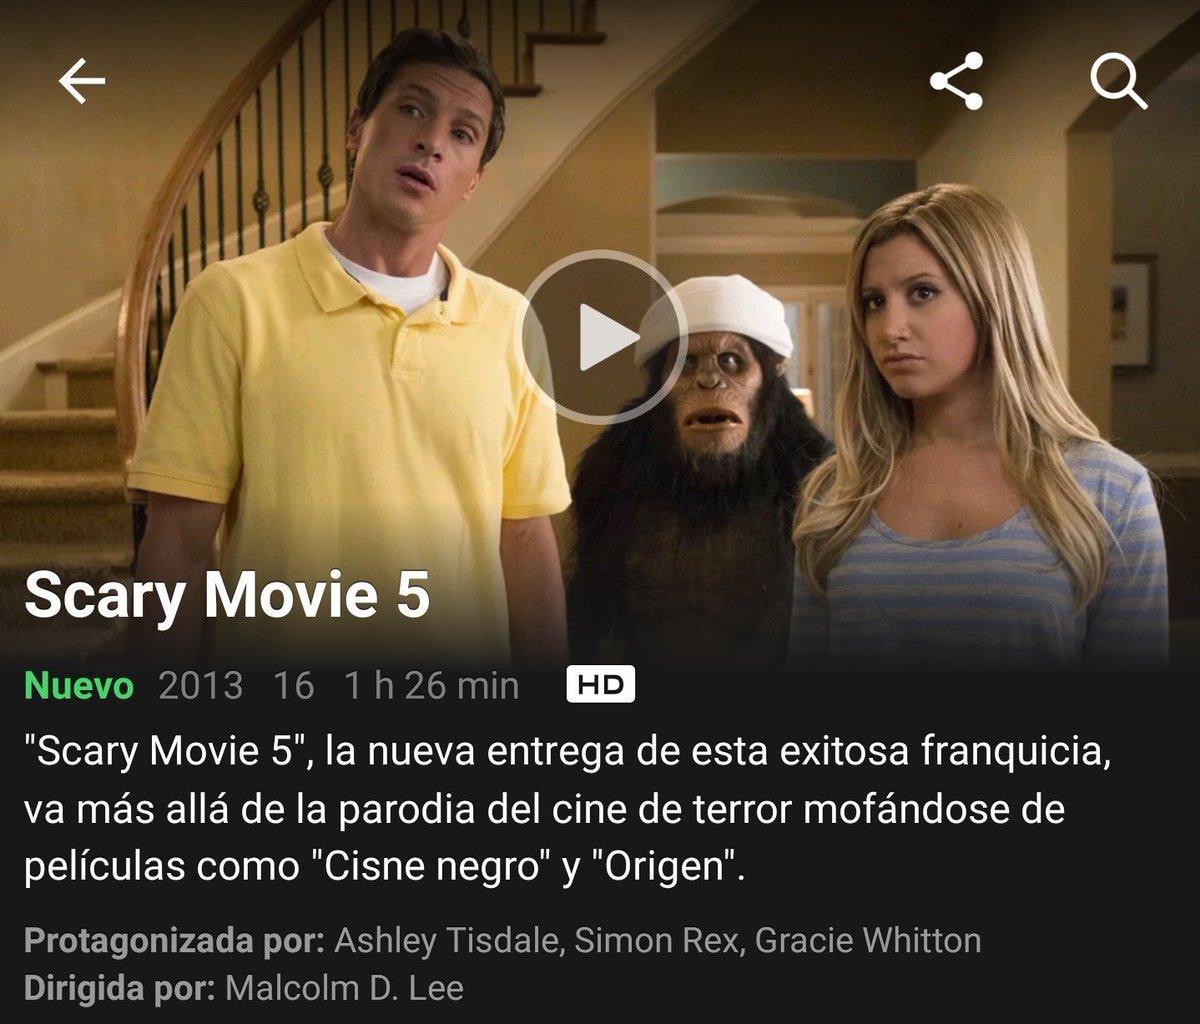 Gallo De Netflix On Twitter 30 4 17 Scary Movie 5 2013 Https T Co A9y86lrb1w